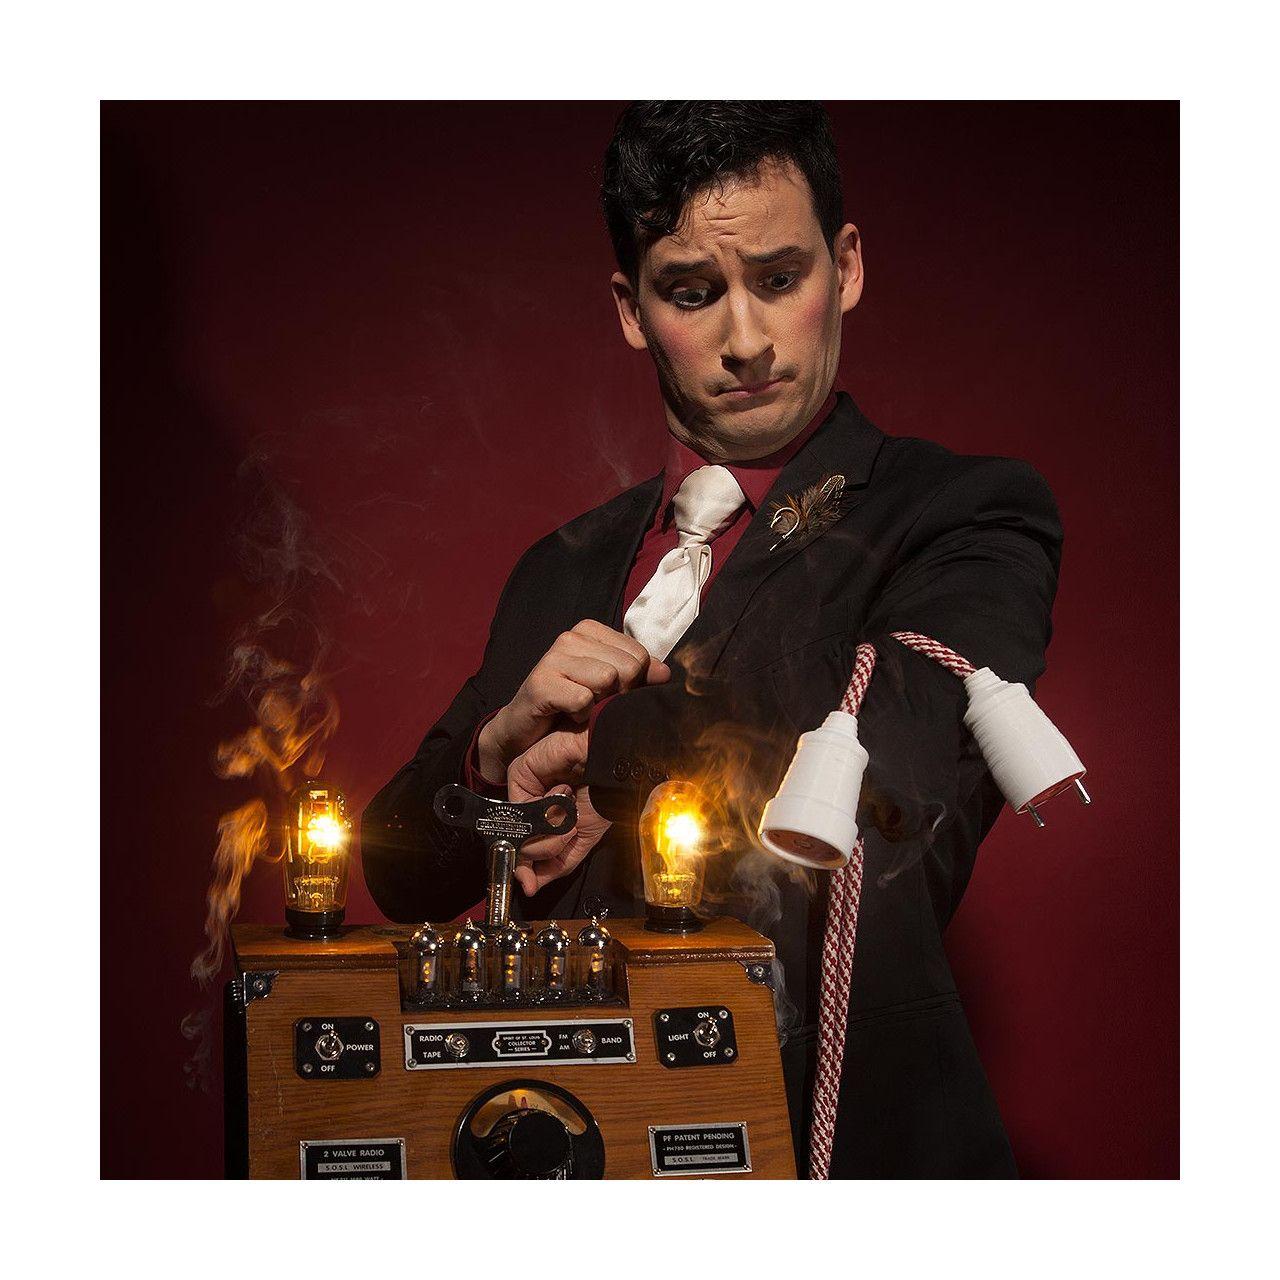 El Hocus Pocus cierra su edición «navideña» con la tradicional gala de magia de cerca